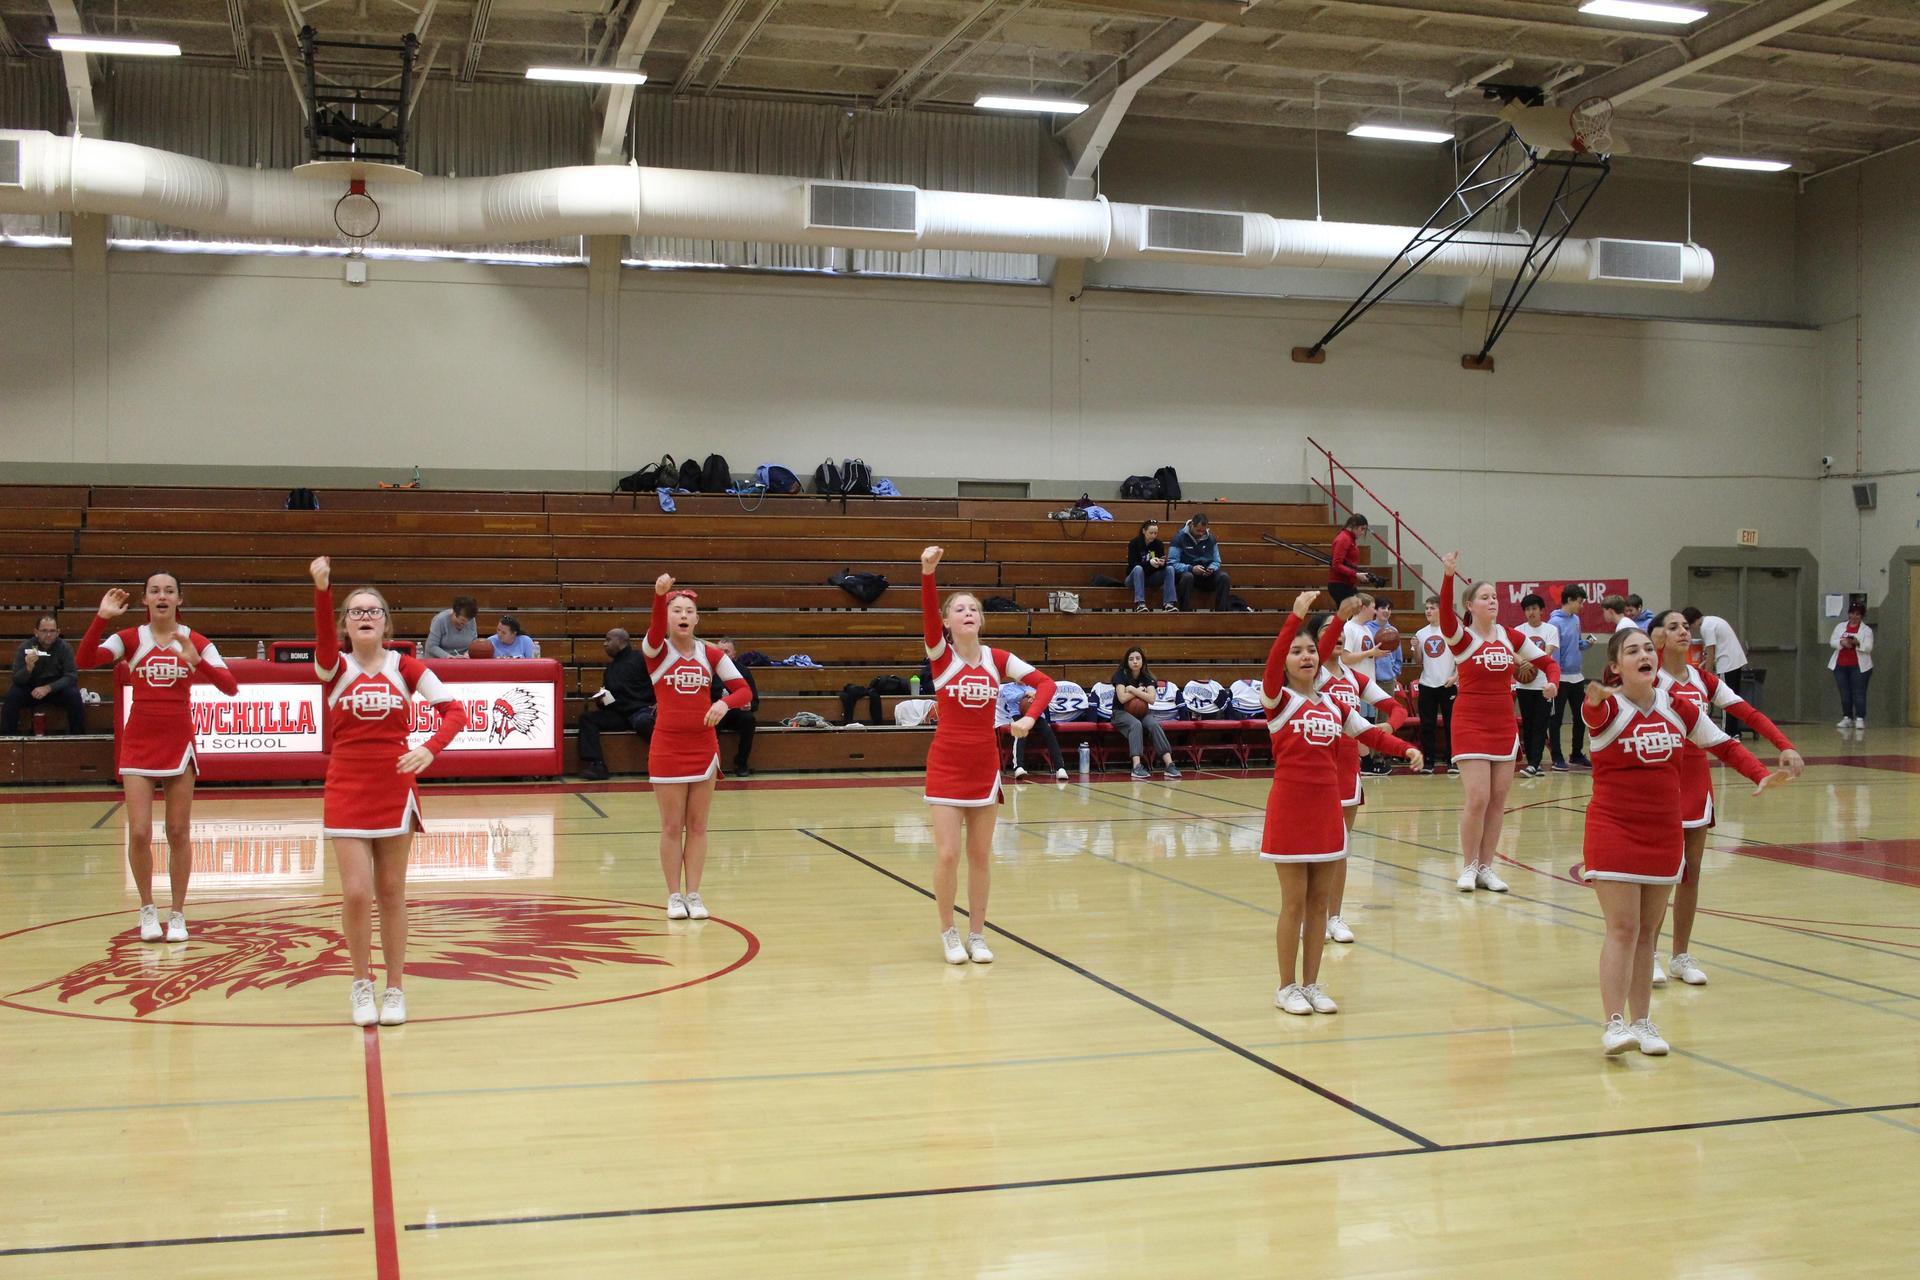 cheerleaders cheering